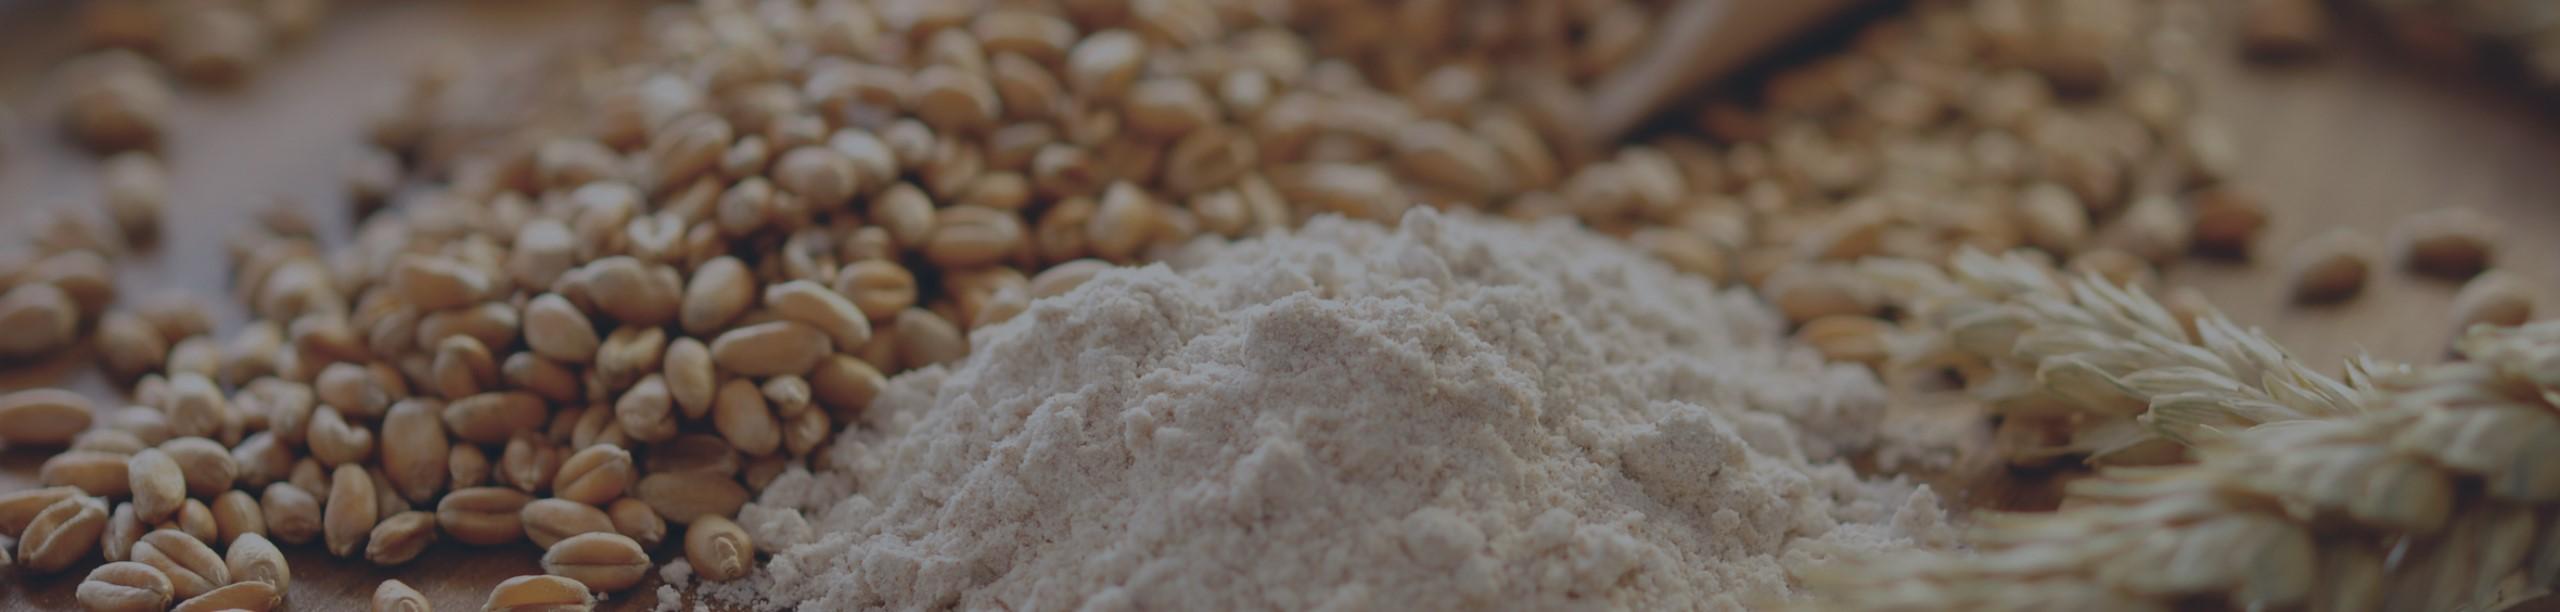 Grains1-6